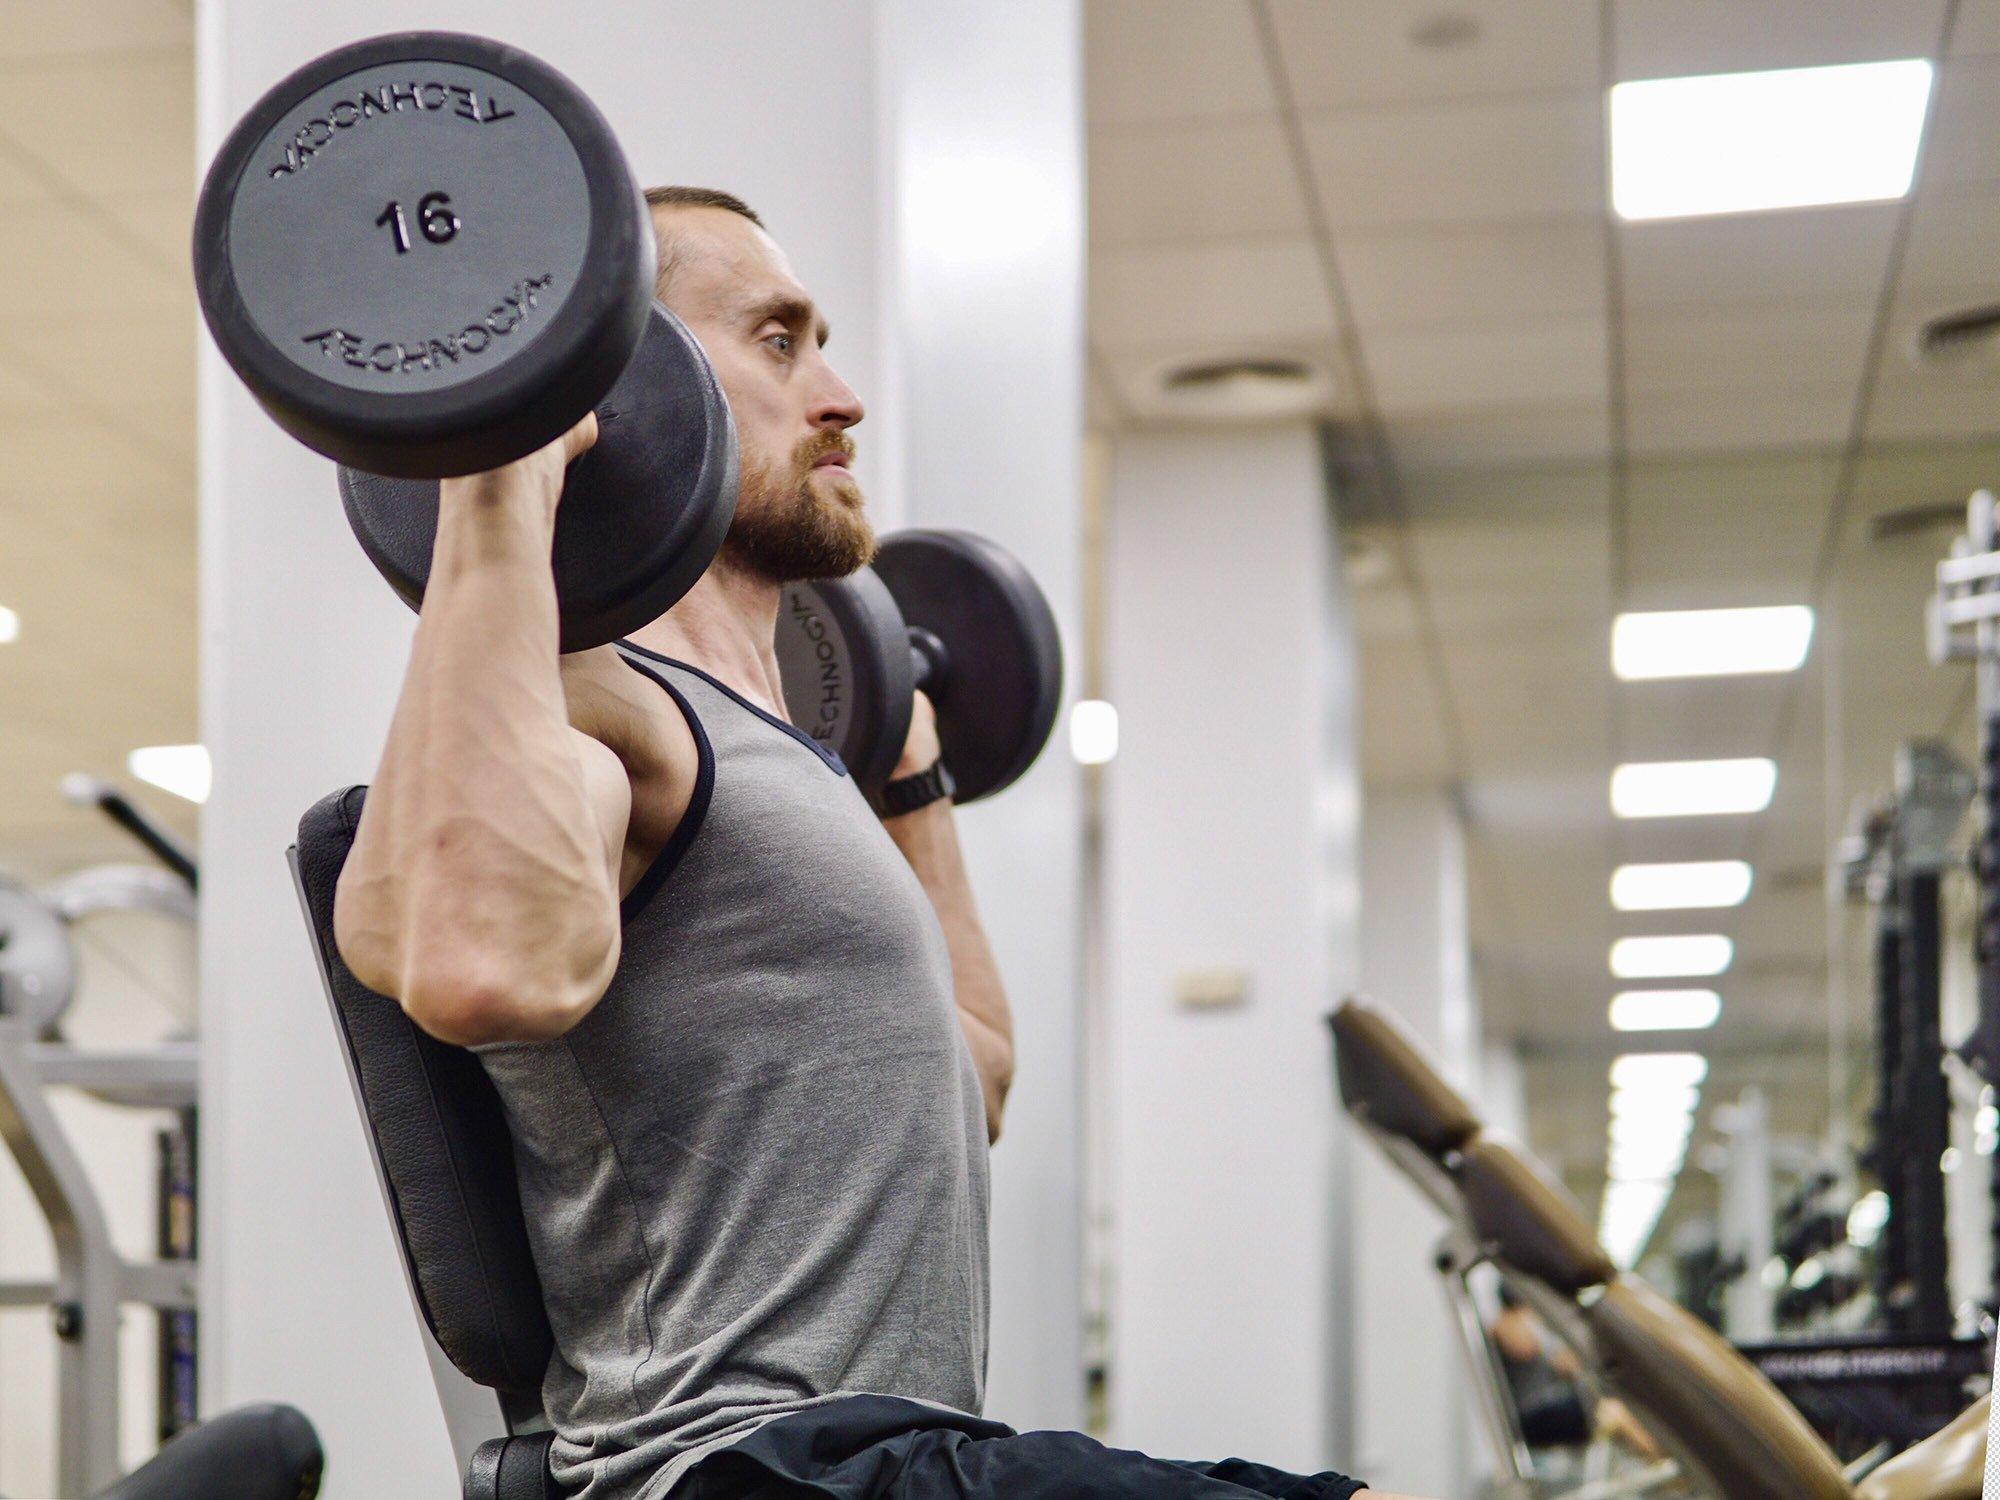 Как правильно качать руки, плечи, грудь и спину: инструкция от фитнес-тренера